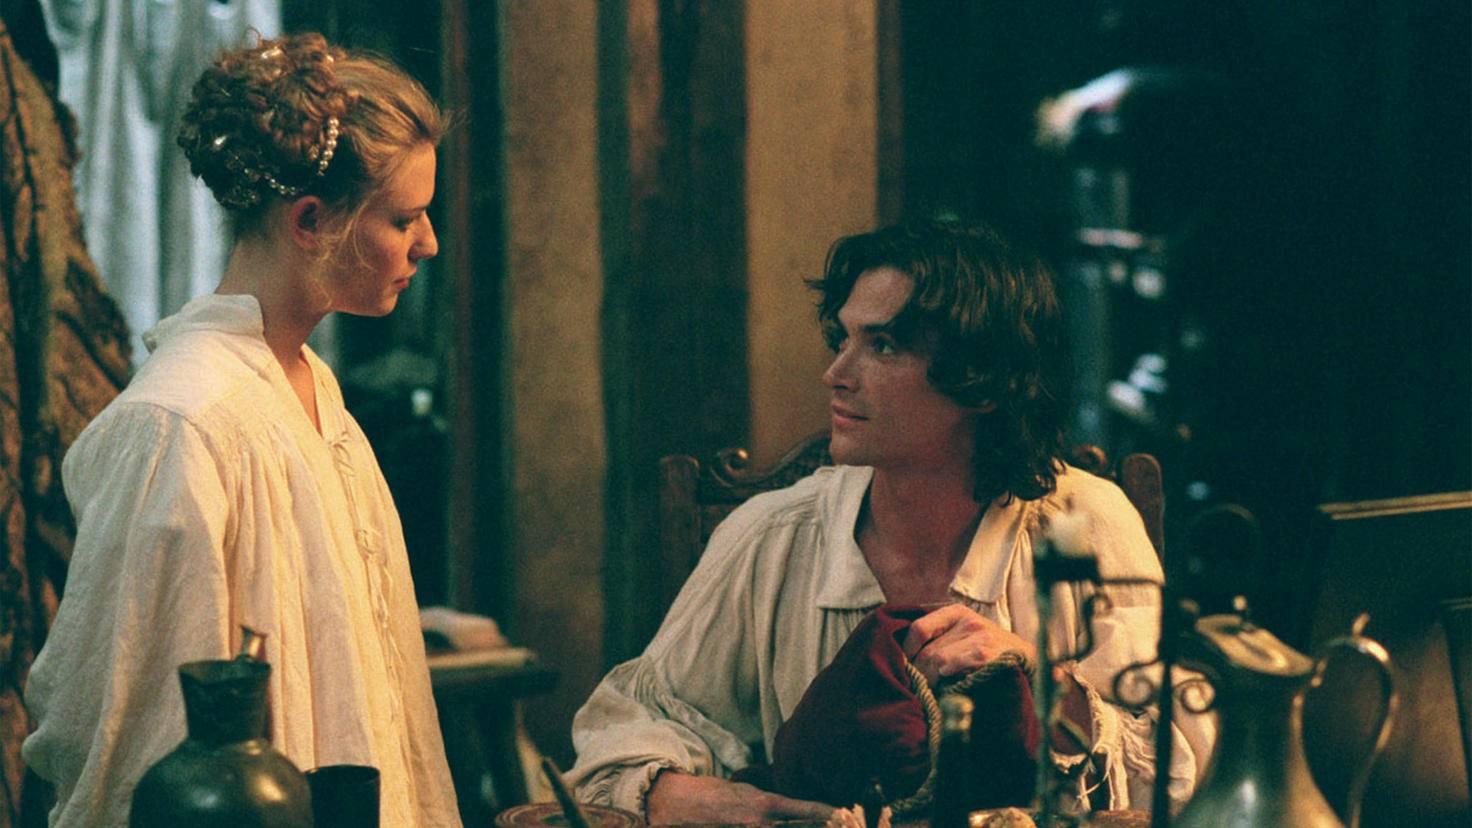 """Billy Crudup verguckte sich bei den Dreharbeiten zu """"Stage Beauty"""" in seine hübsche Partnerin."""